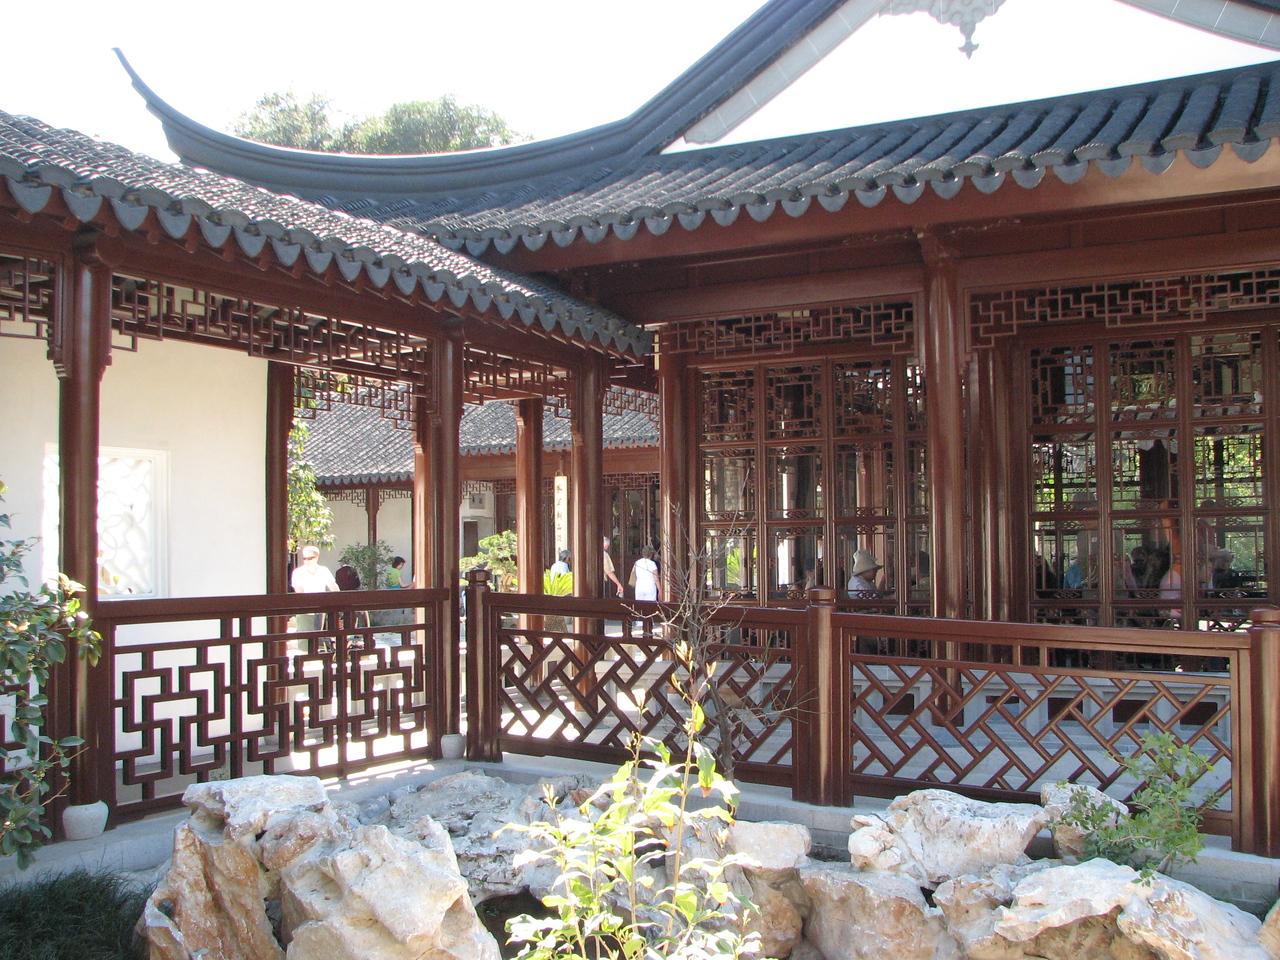 2008 03 09 Sun - New Chinese garden - Yuchun photo 3